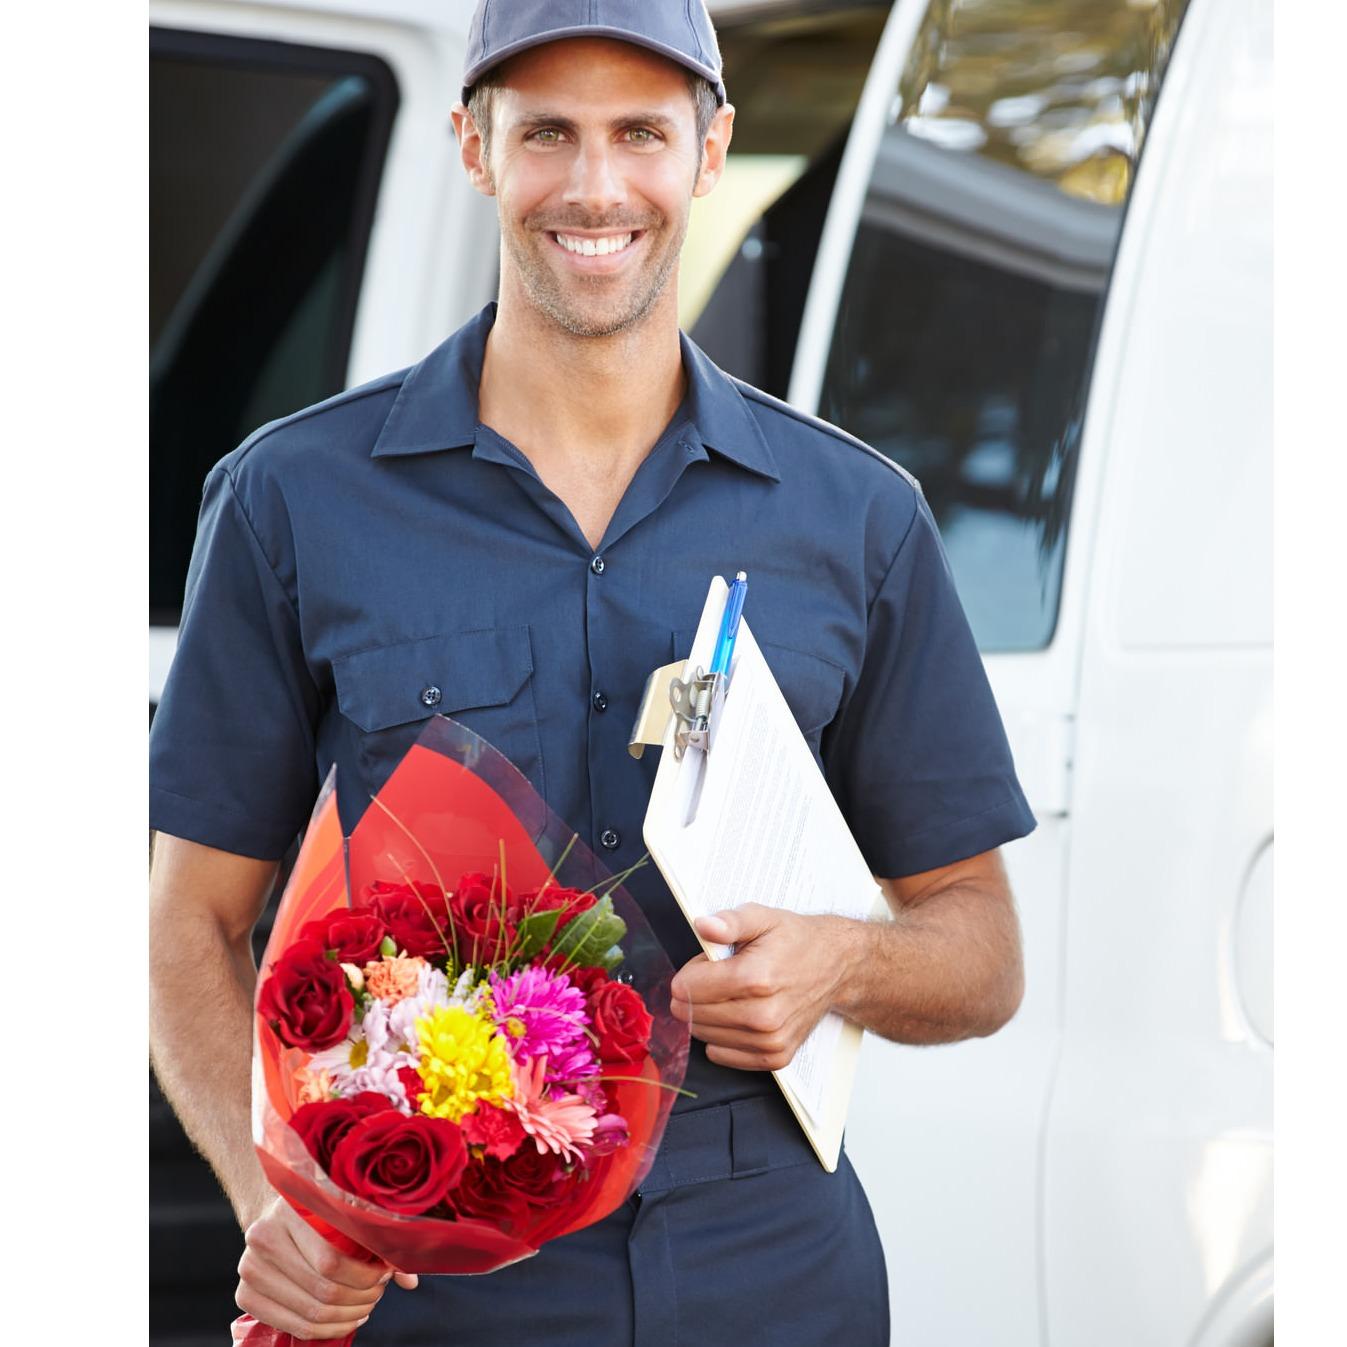 Услуга доставки цветов по казахстану, бросания